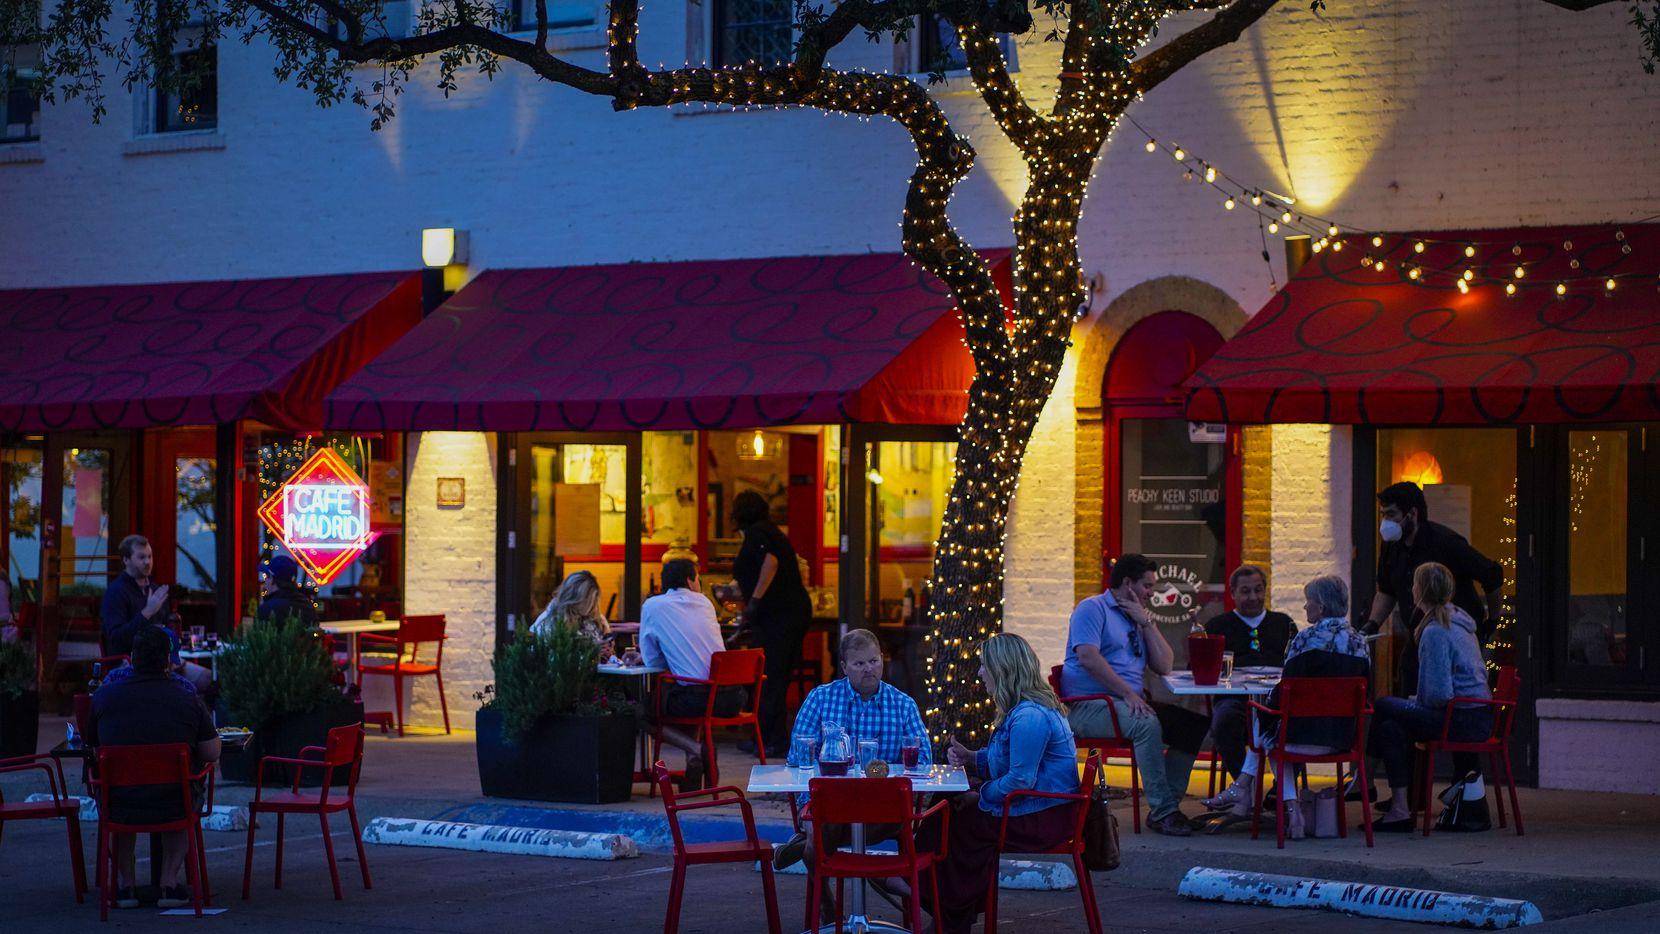 Las mesas en el Café Madrid han sido apartadas a seis pies de distancia como parte de la reapertura de los restaurantes en el Norte de Texas.